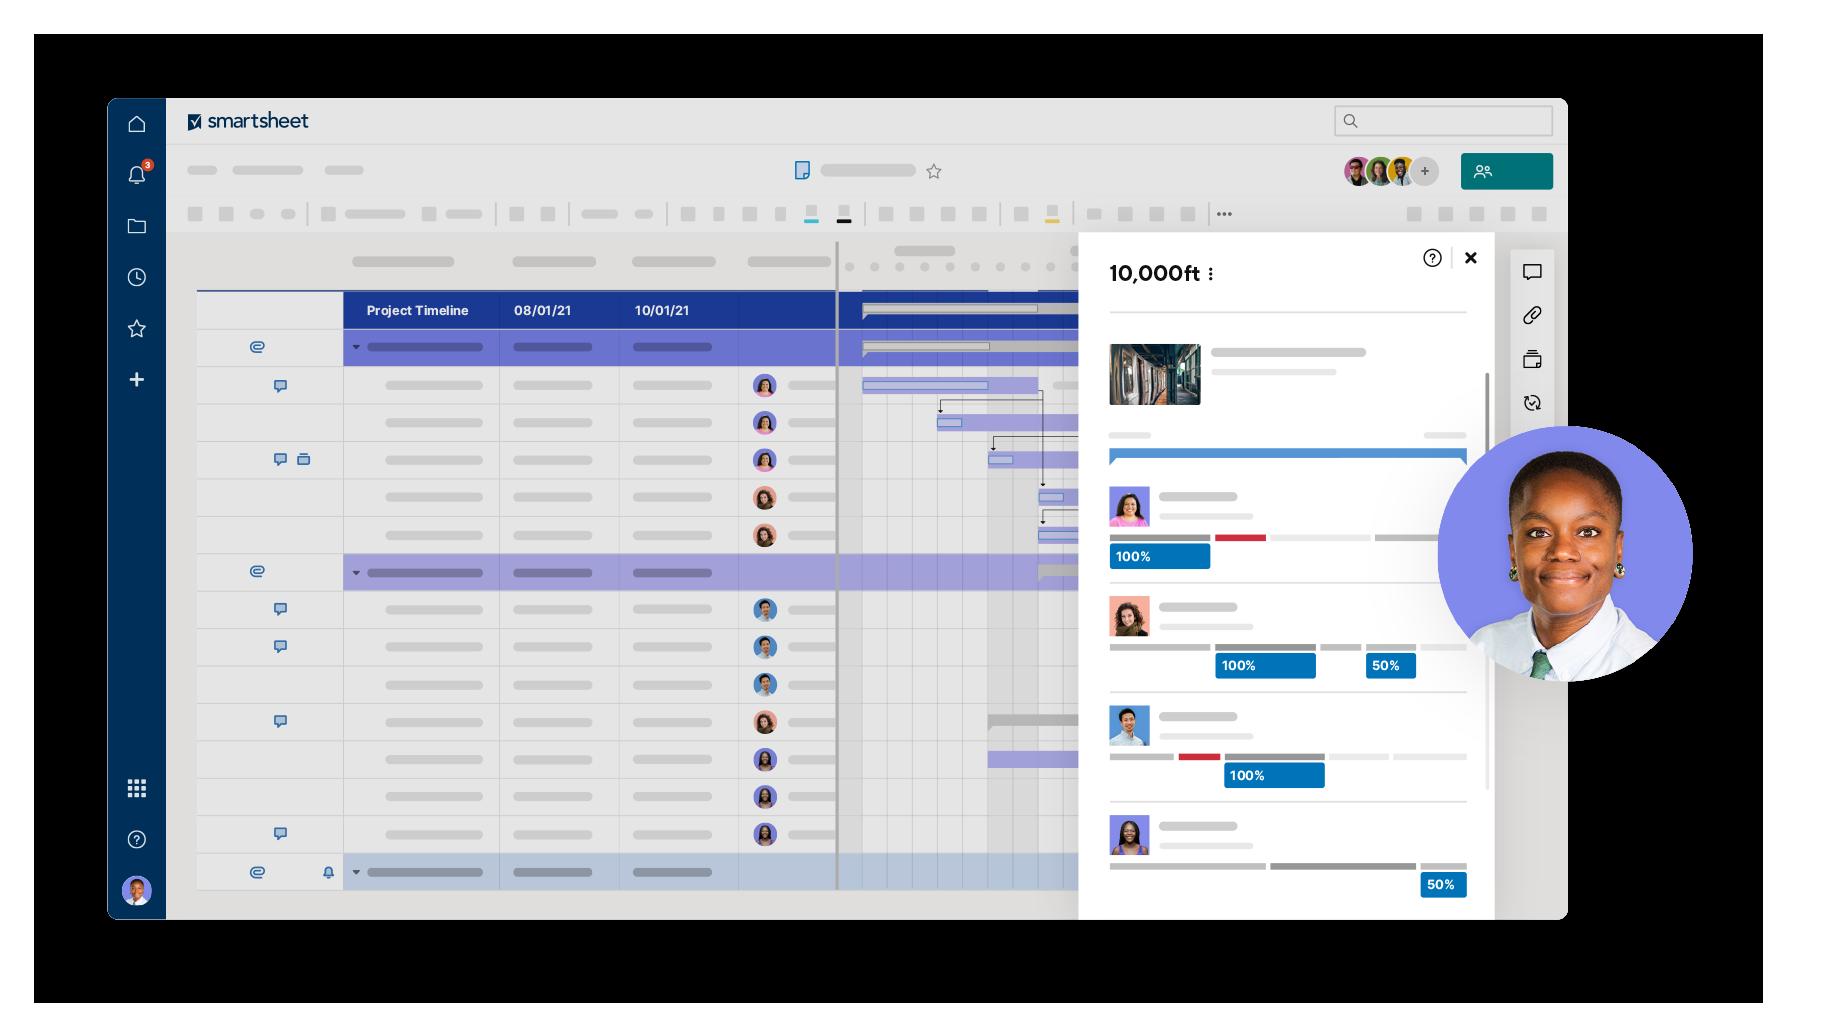 smartsheet screenshoot 2